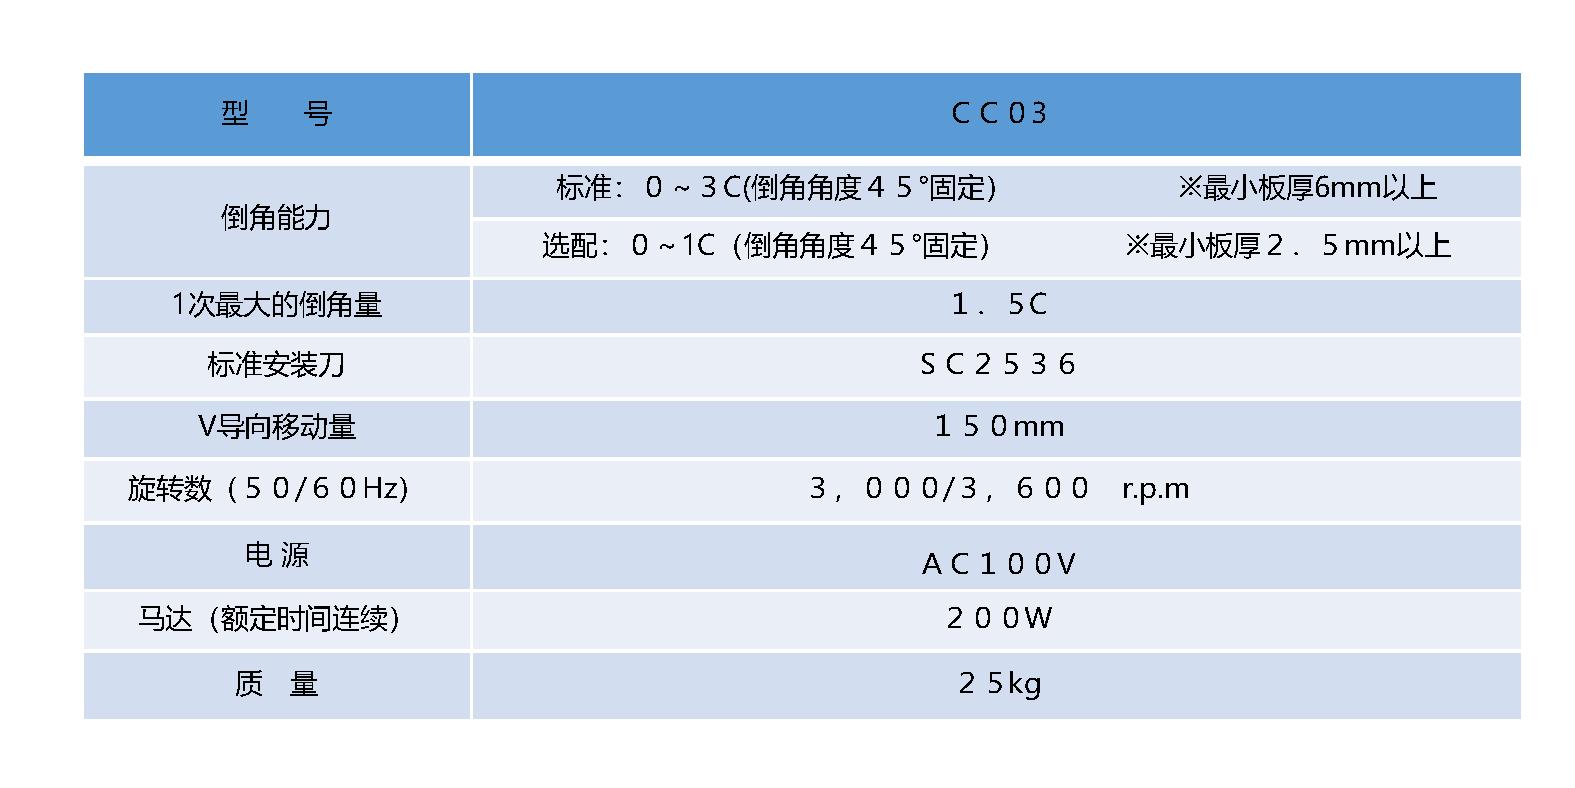 CC03_仕様表 - 中文.png